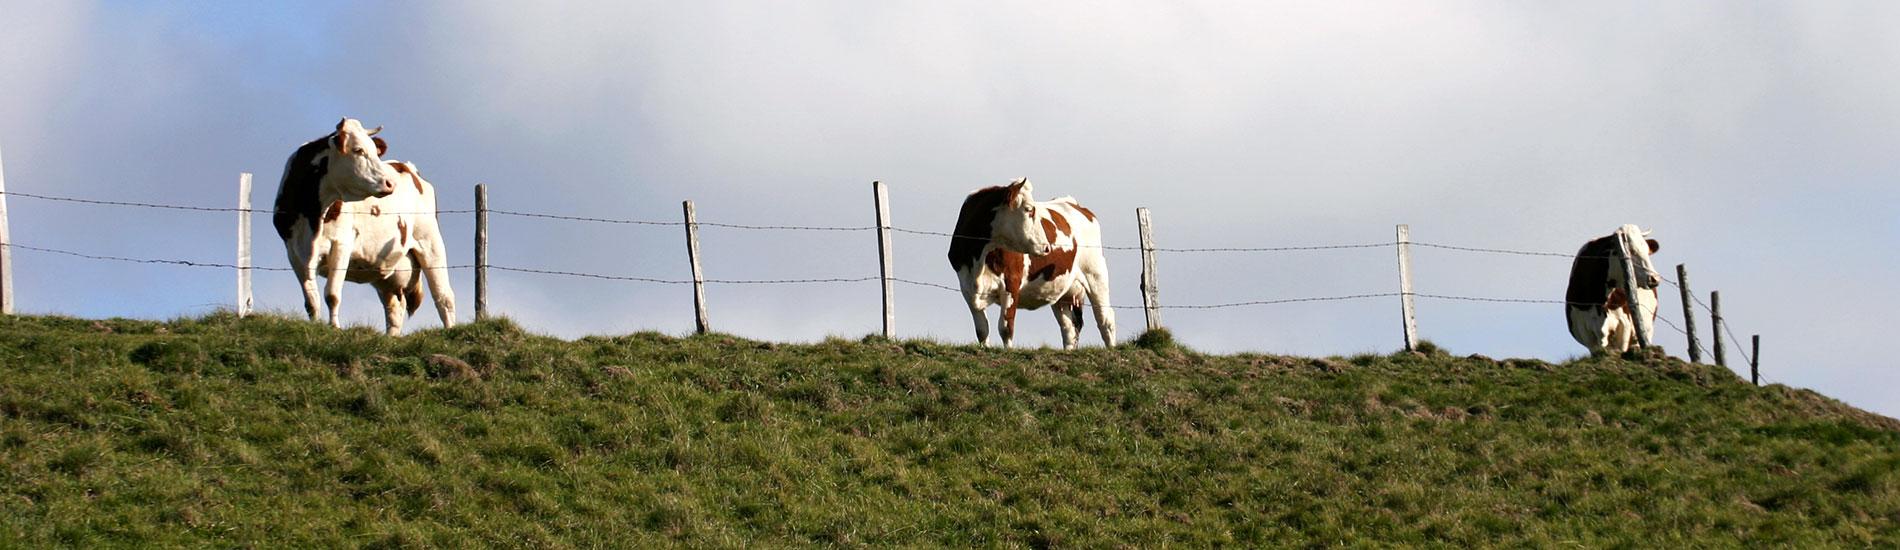 vache2